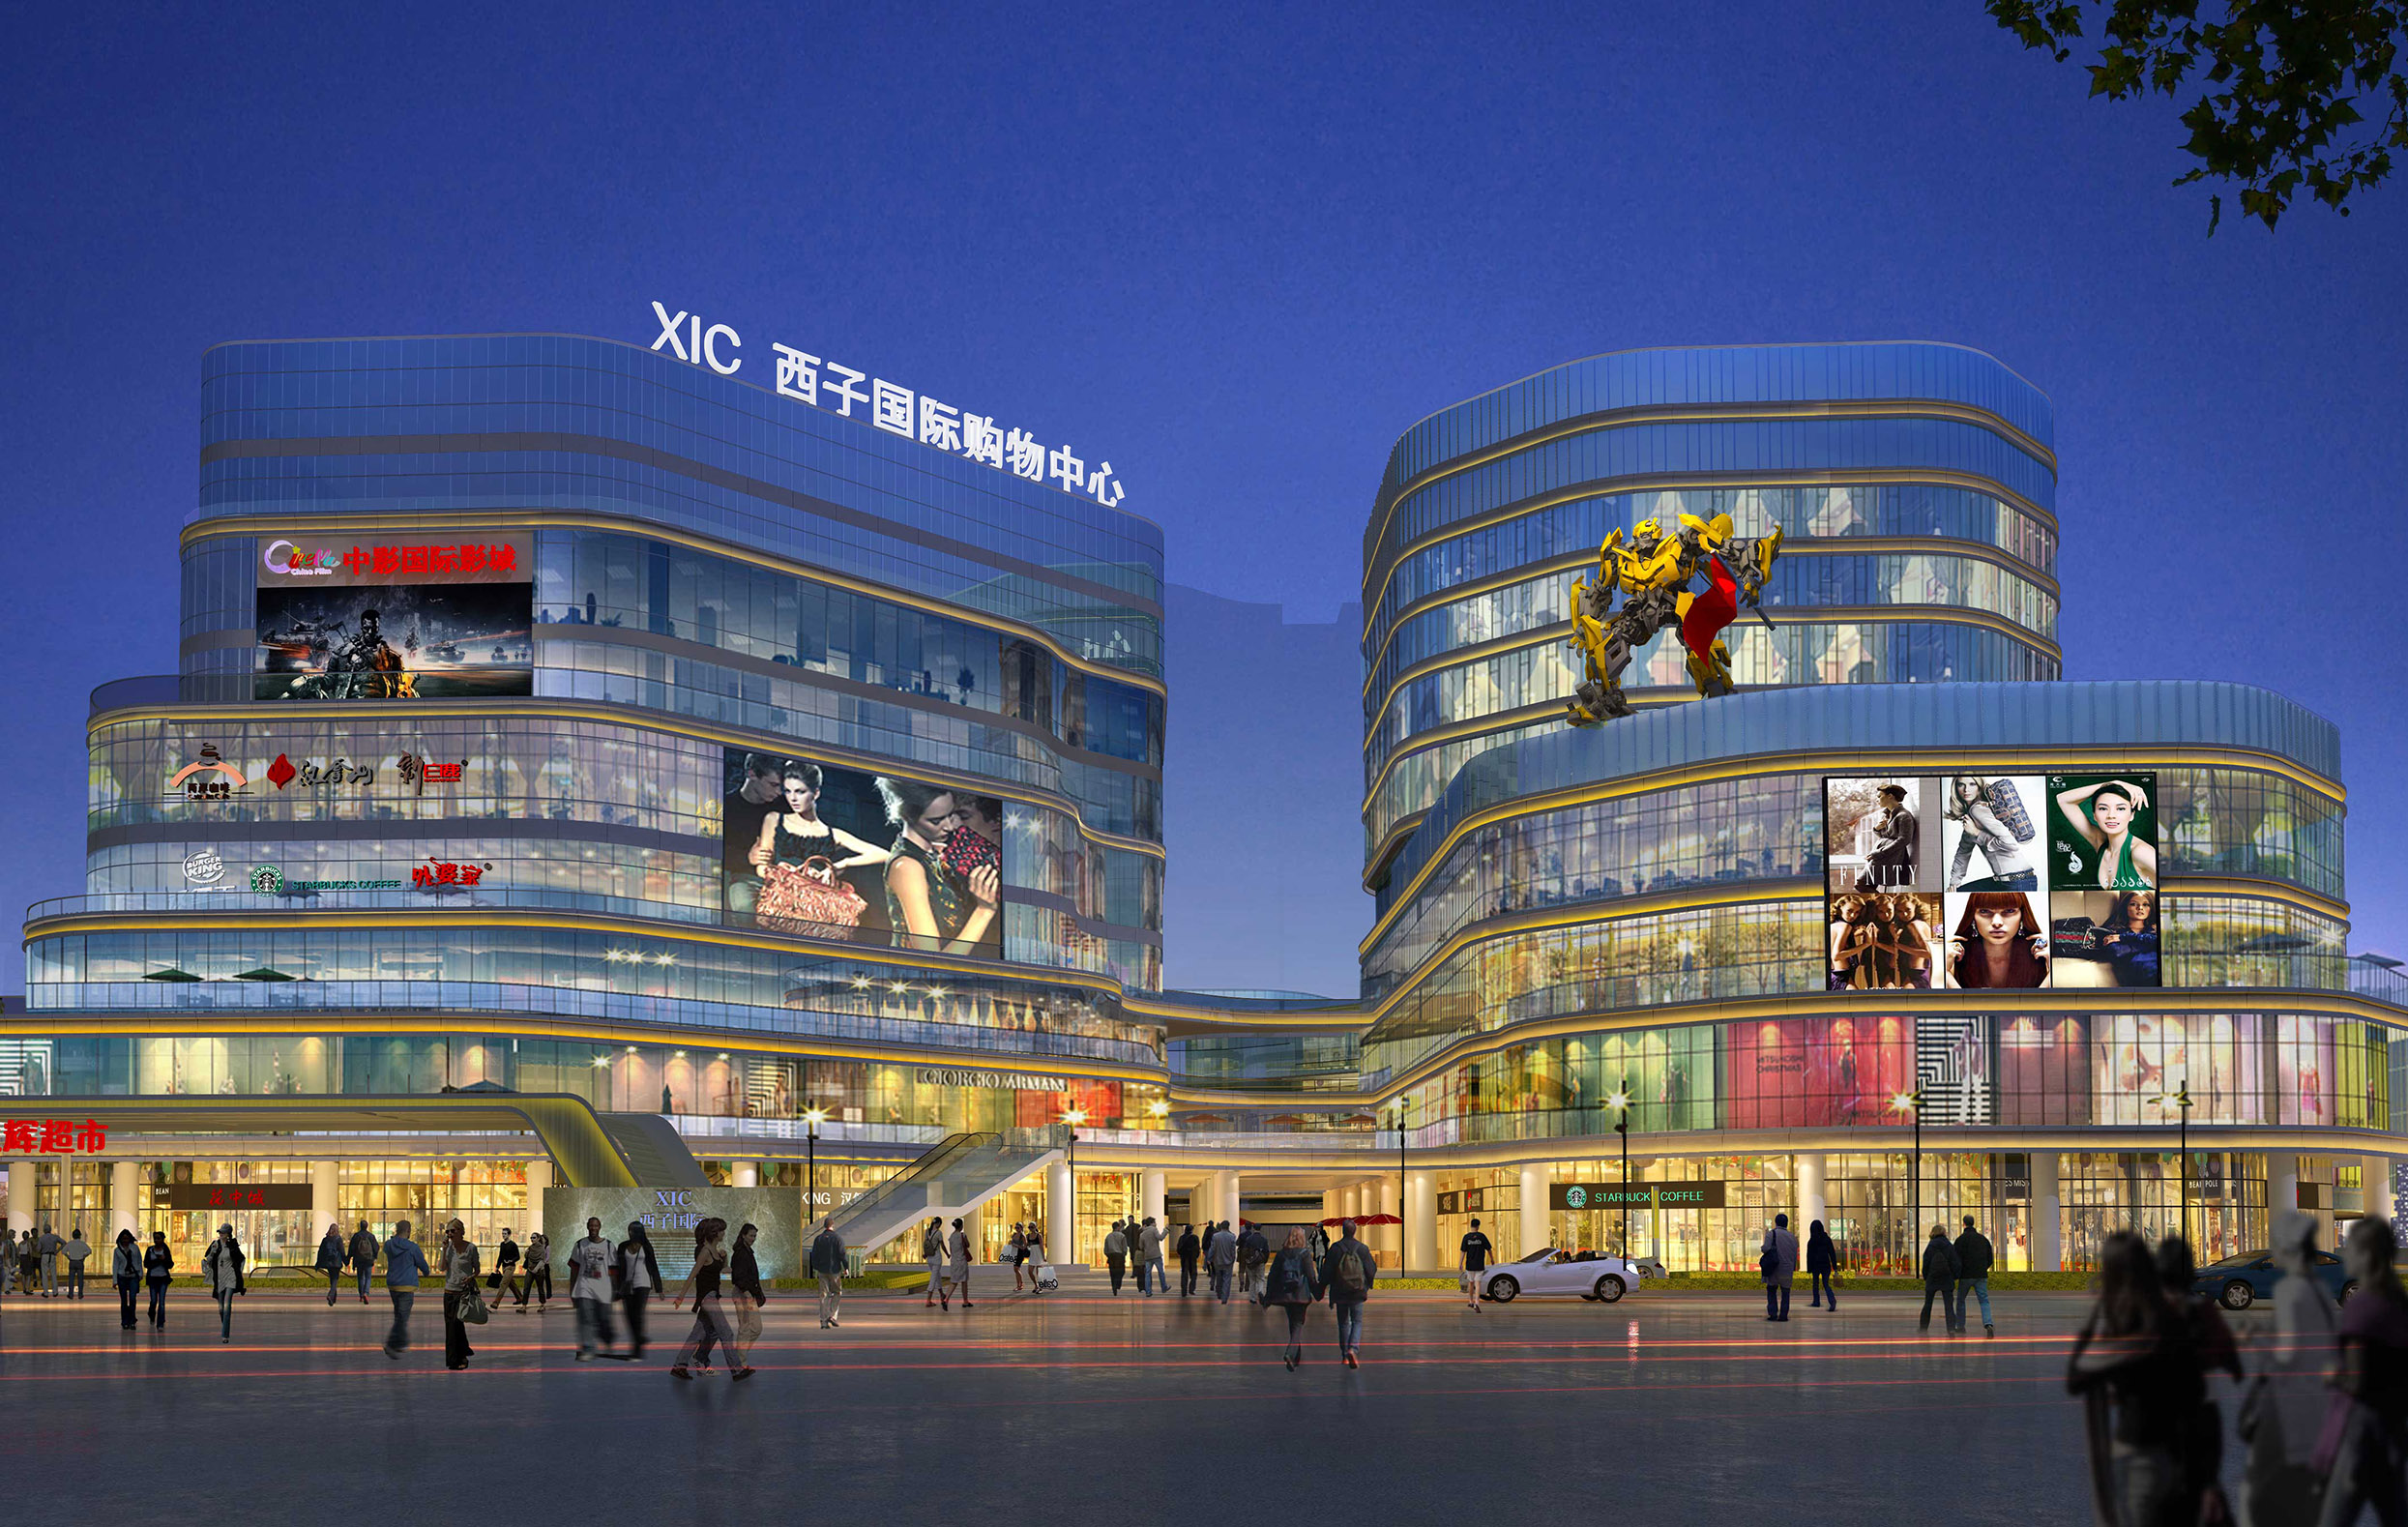 杭州·西子國際購物中心